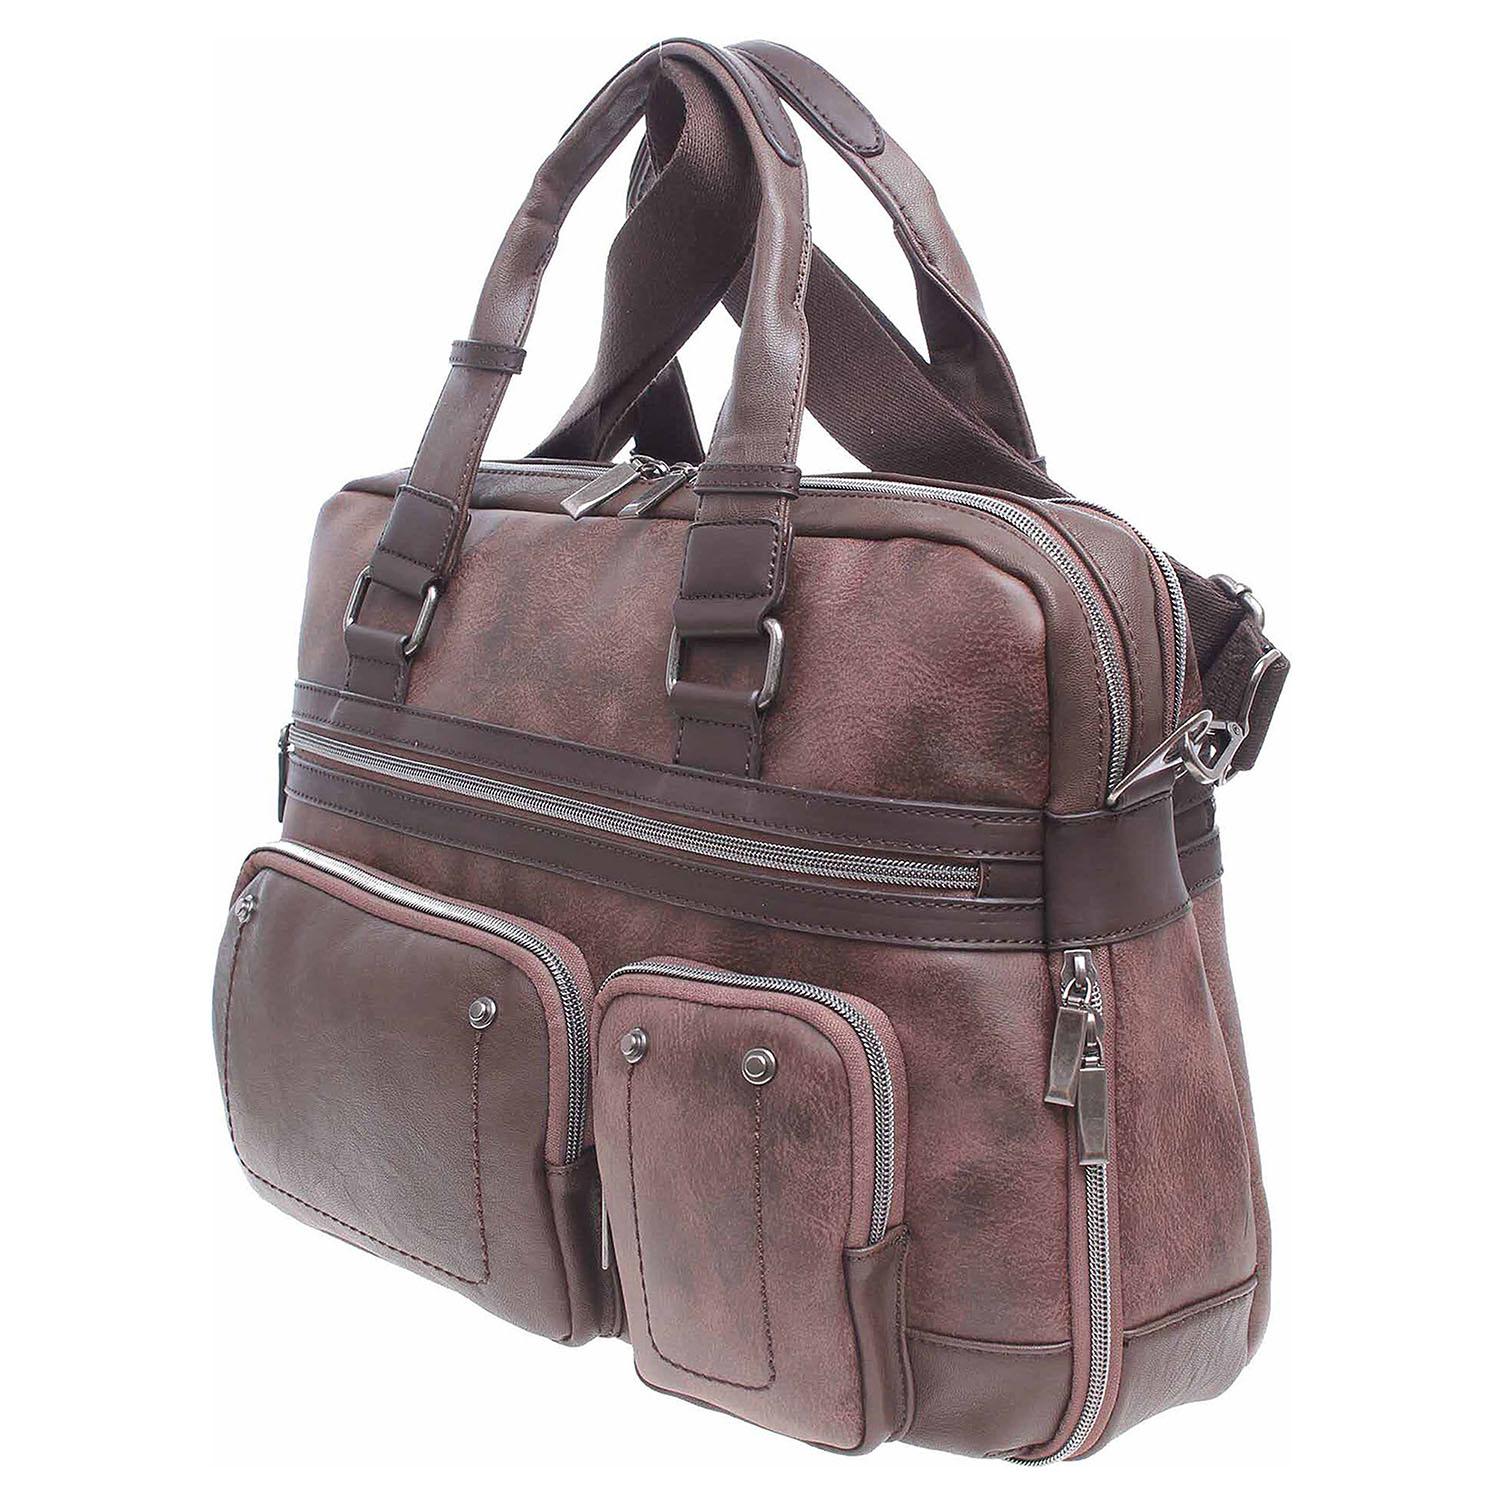 Ecco Dogsbybeluchi pánská taška 24125 marron 10701199